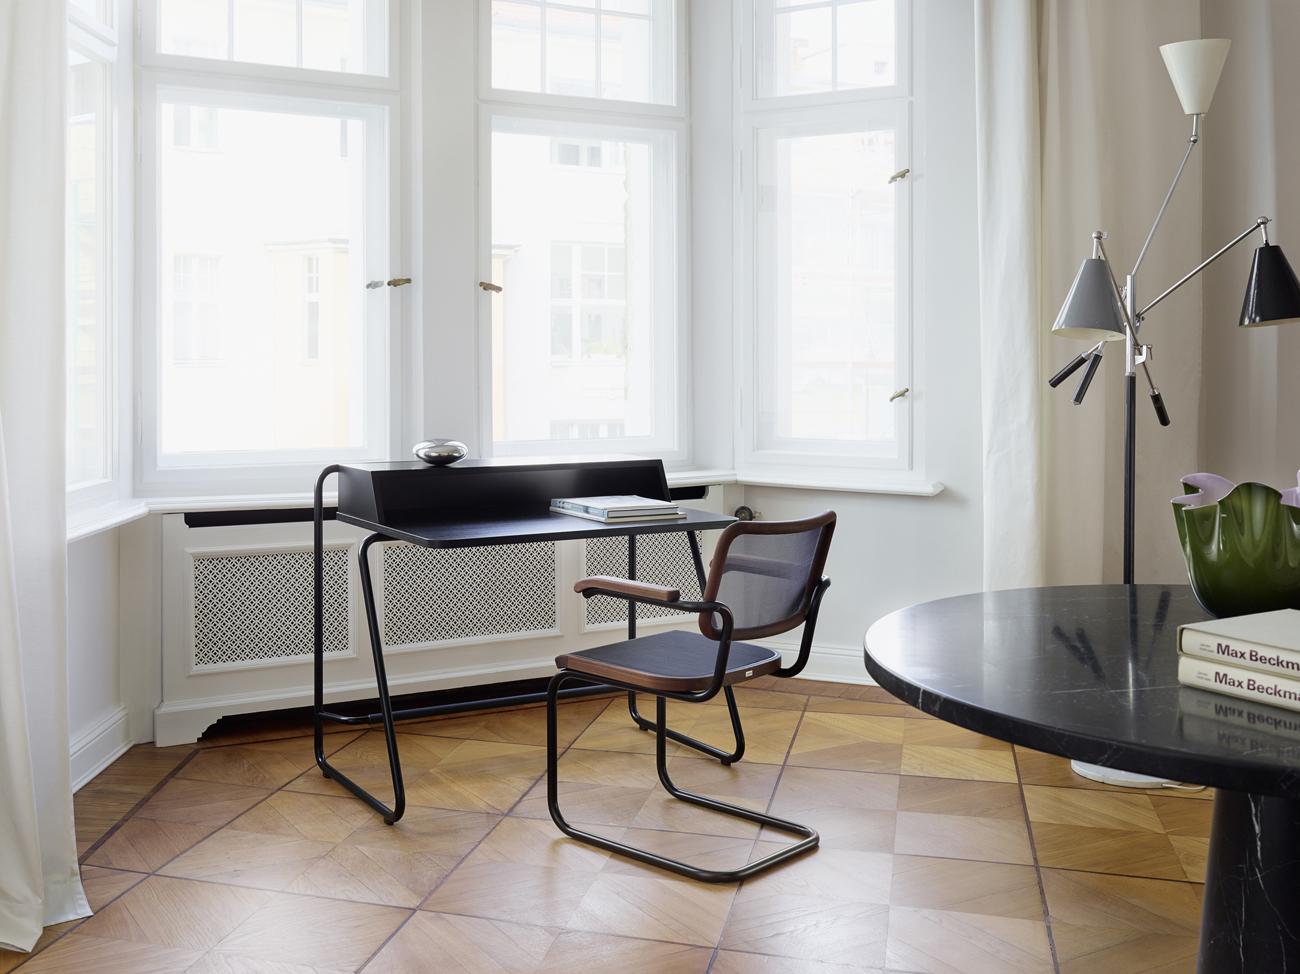 3 scrivanie per l'ufficio in casa - Living Corriere